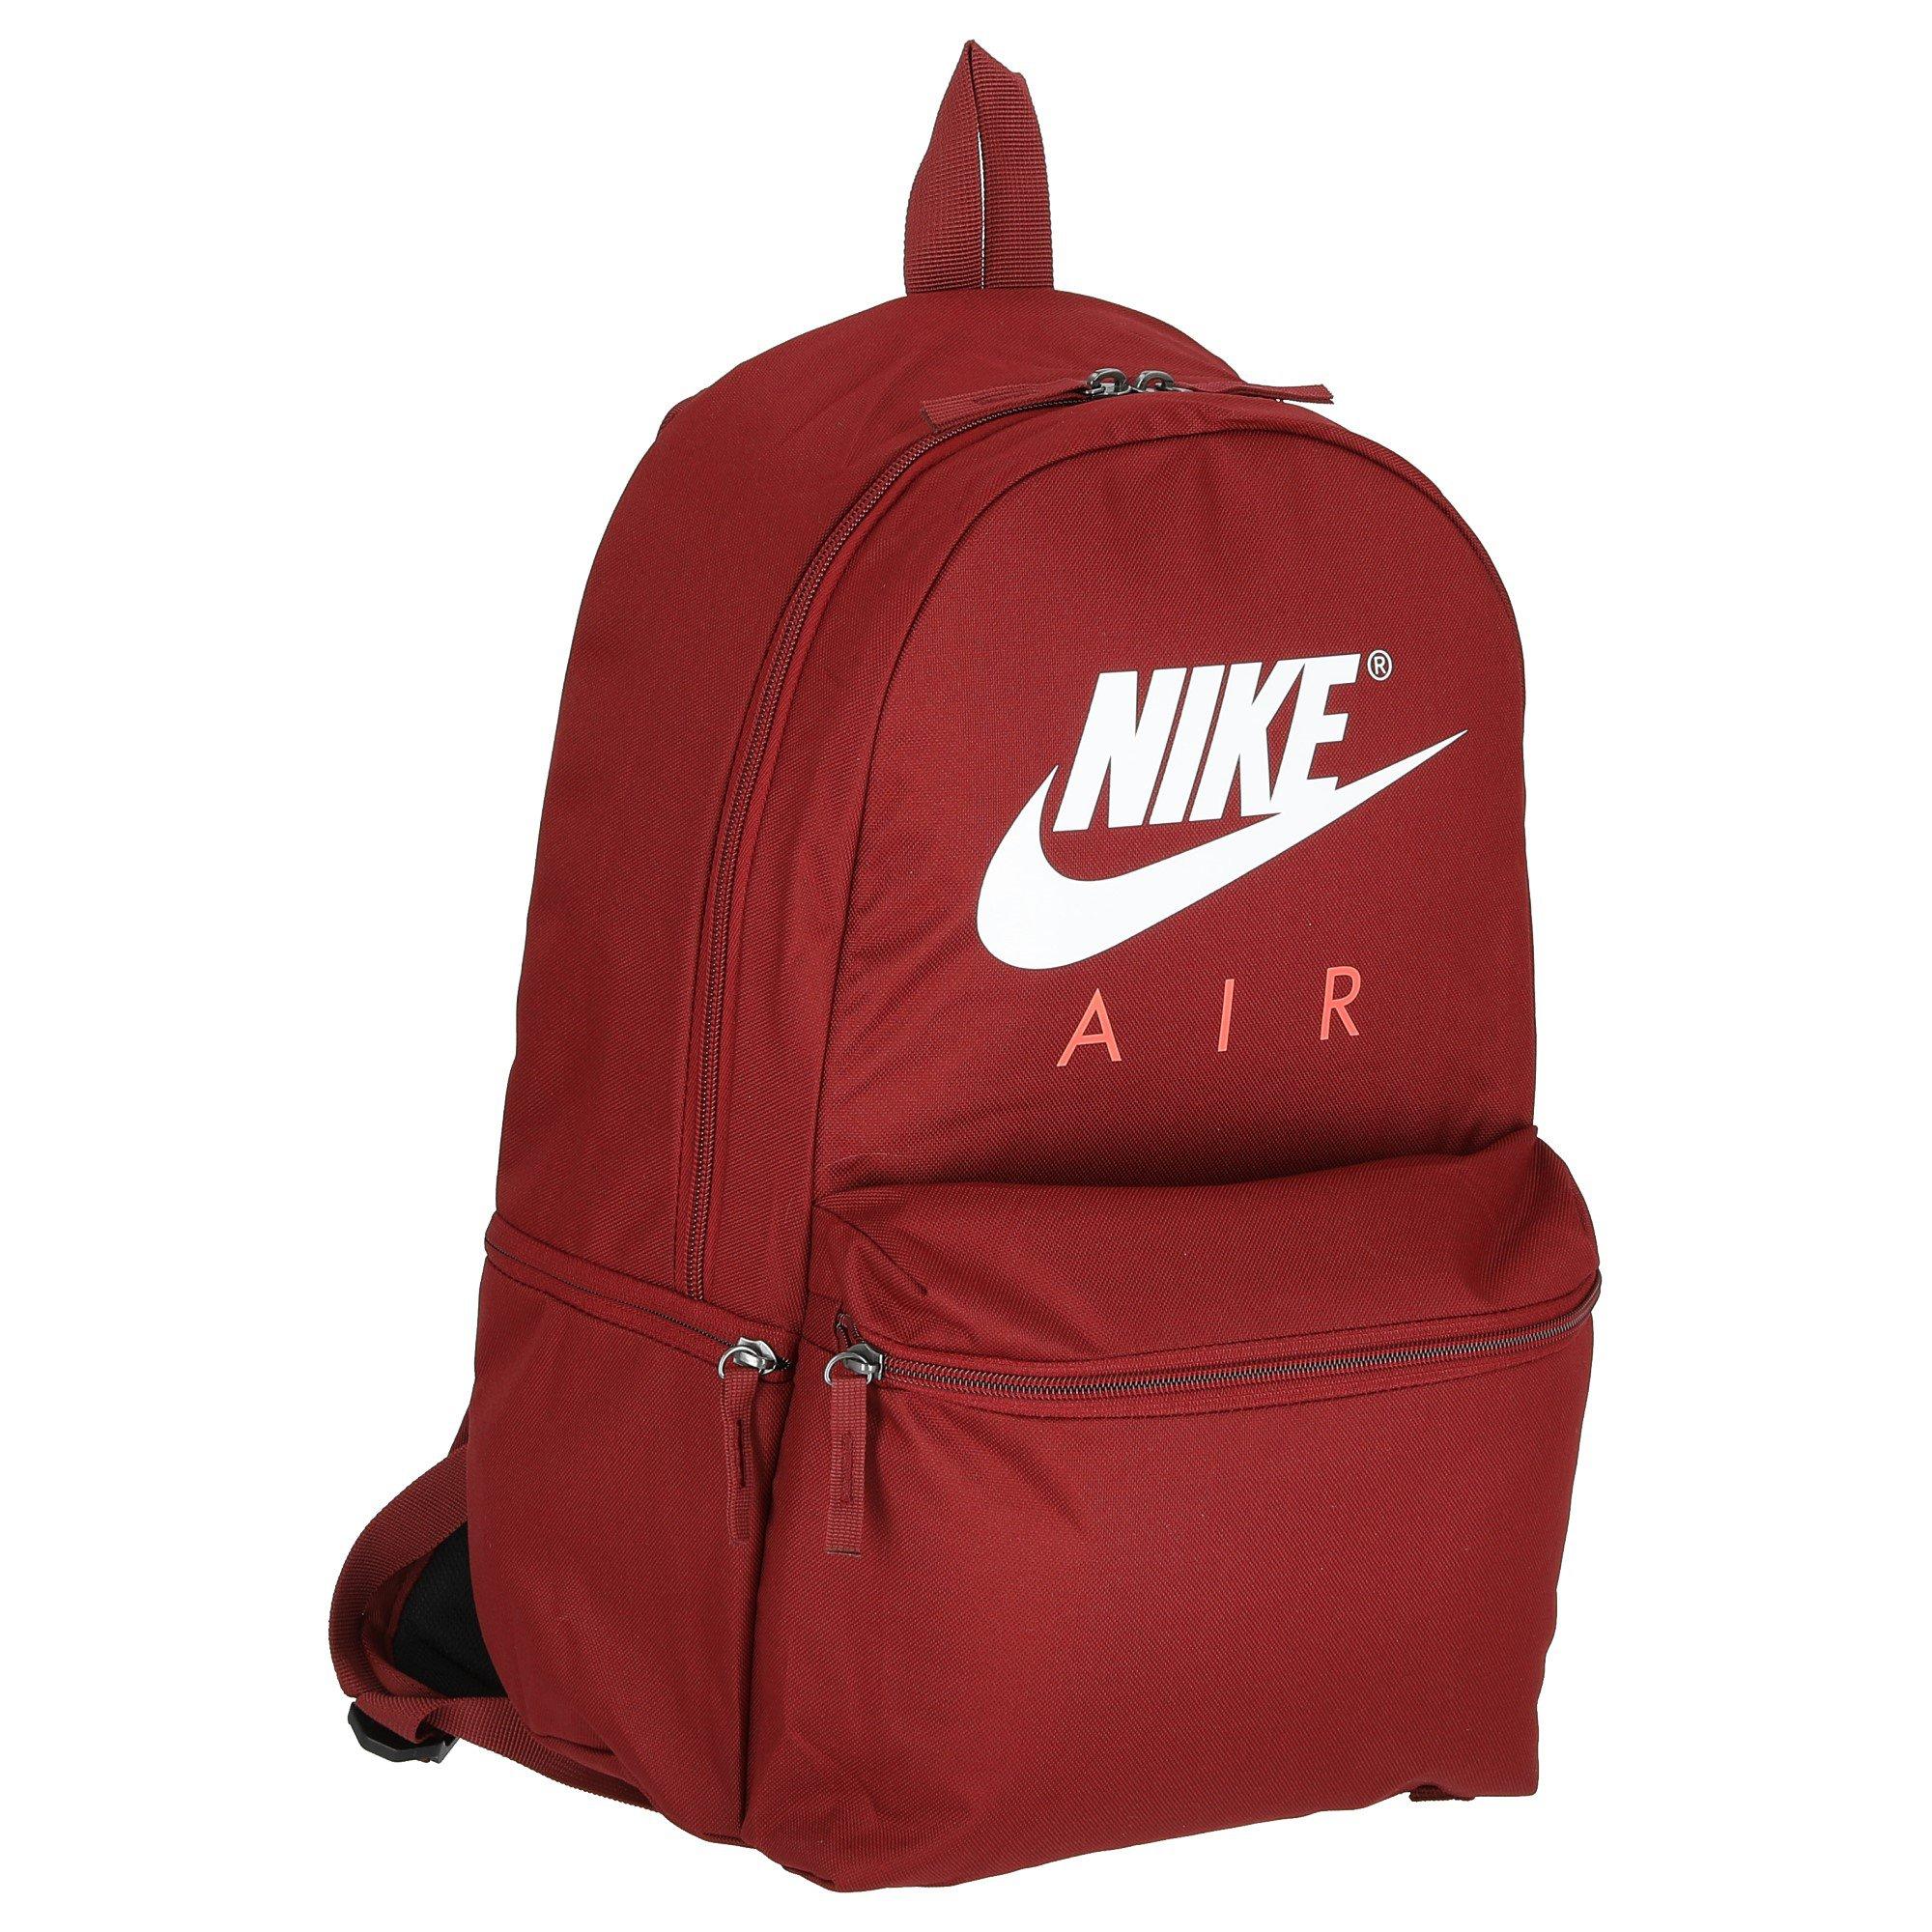 Nike Air Rucksack 47 cm